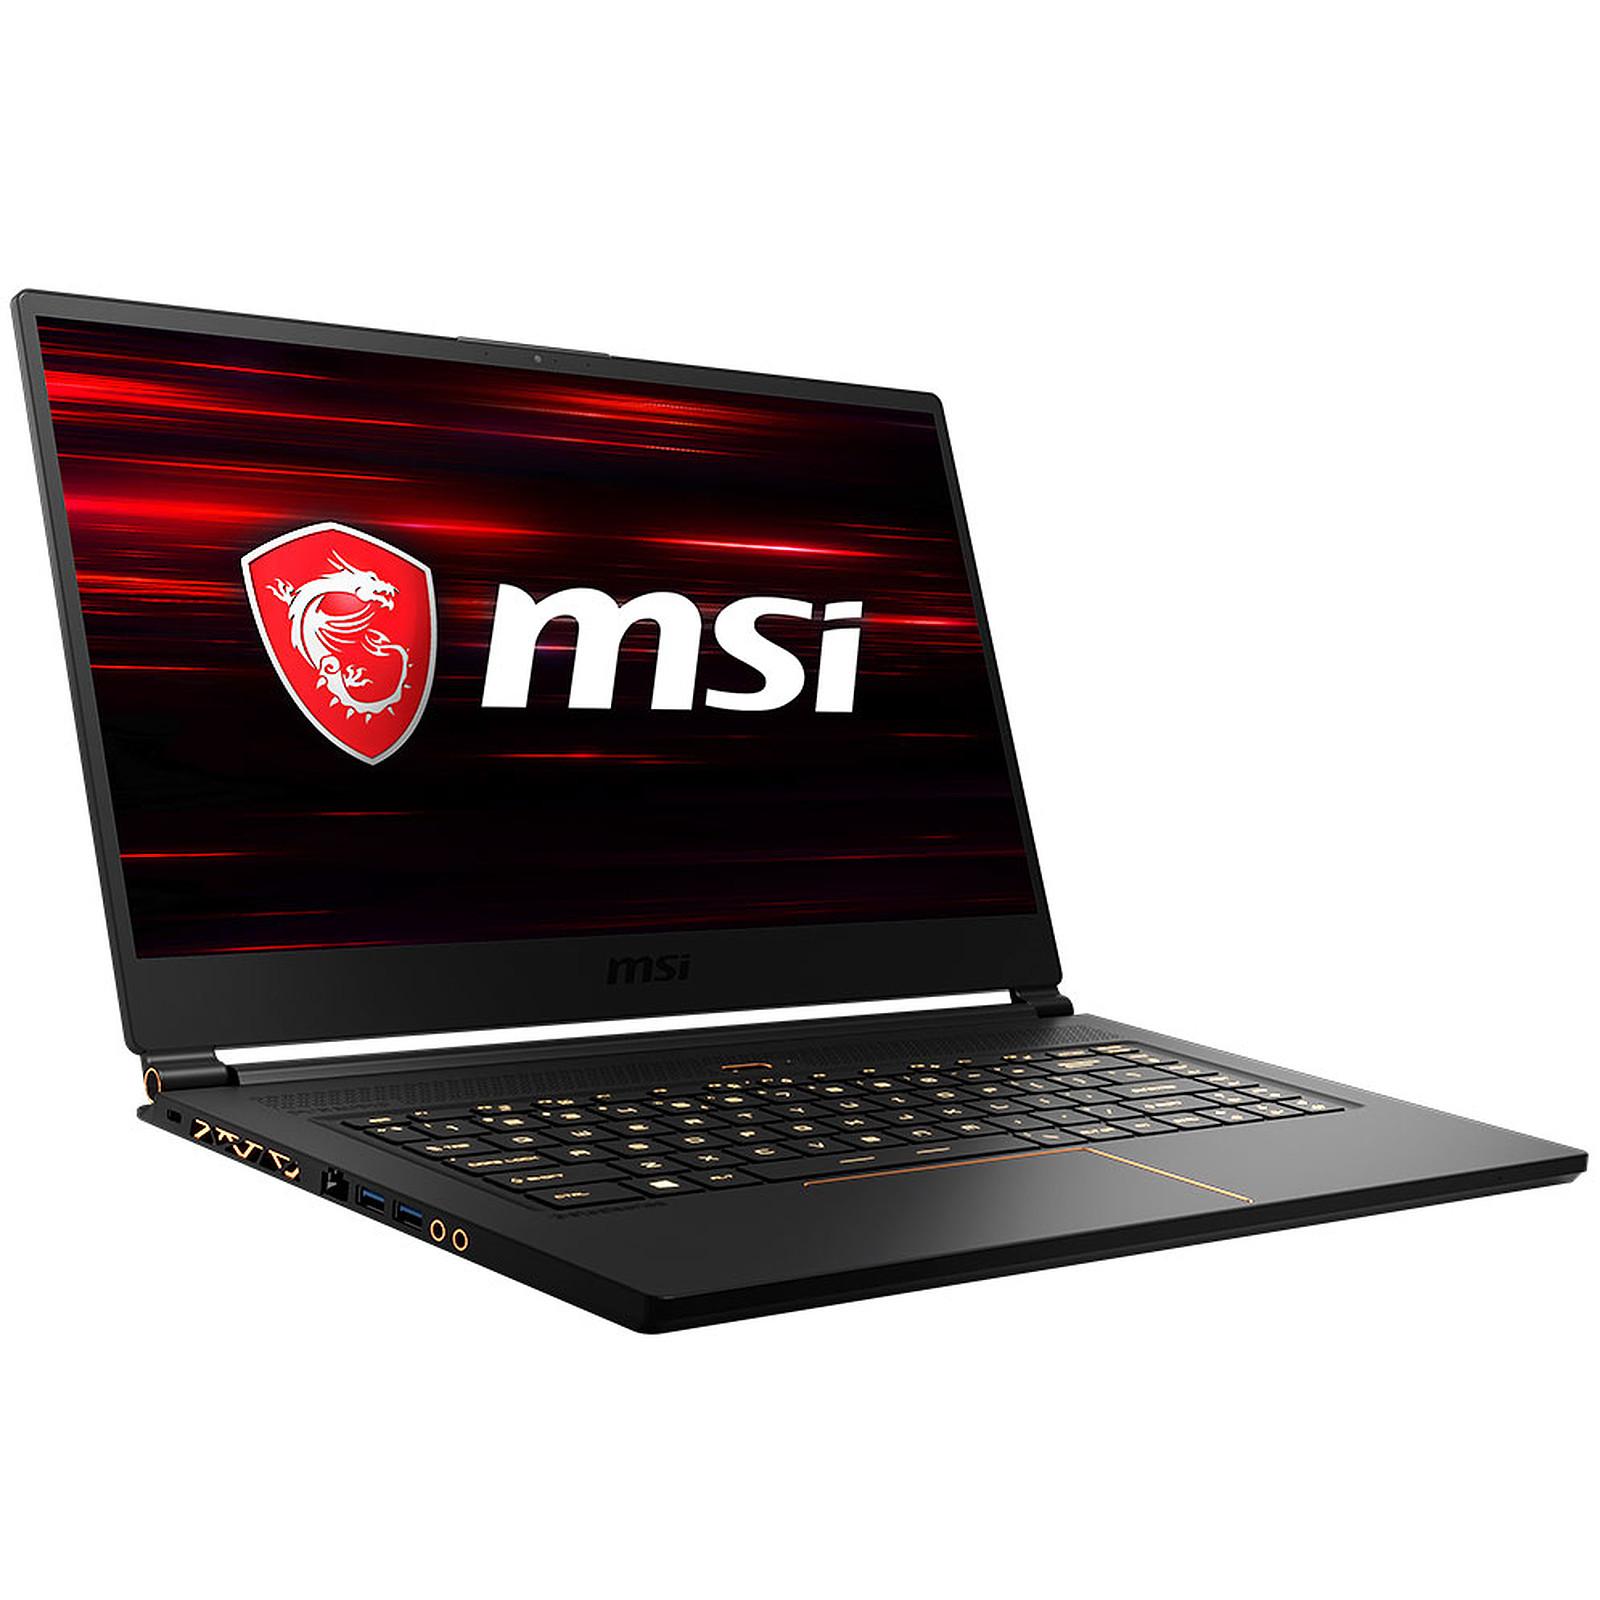 MSI GS65 Stealth Thin 9SF-638FR